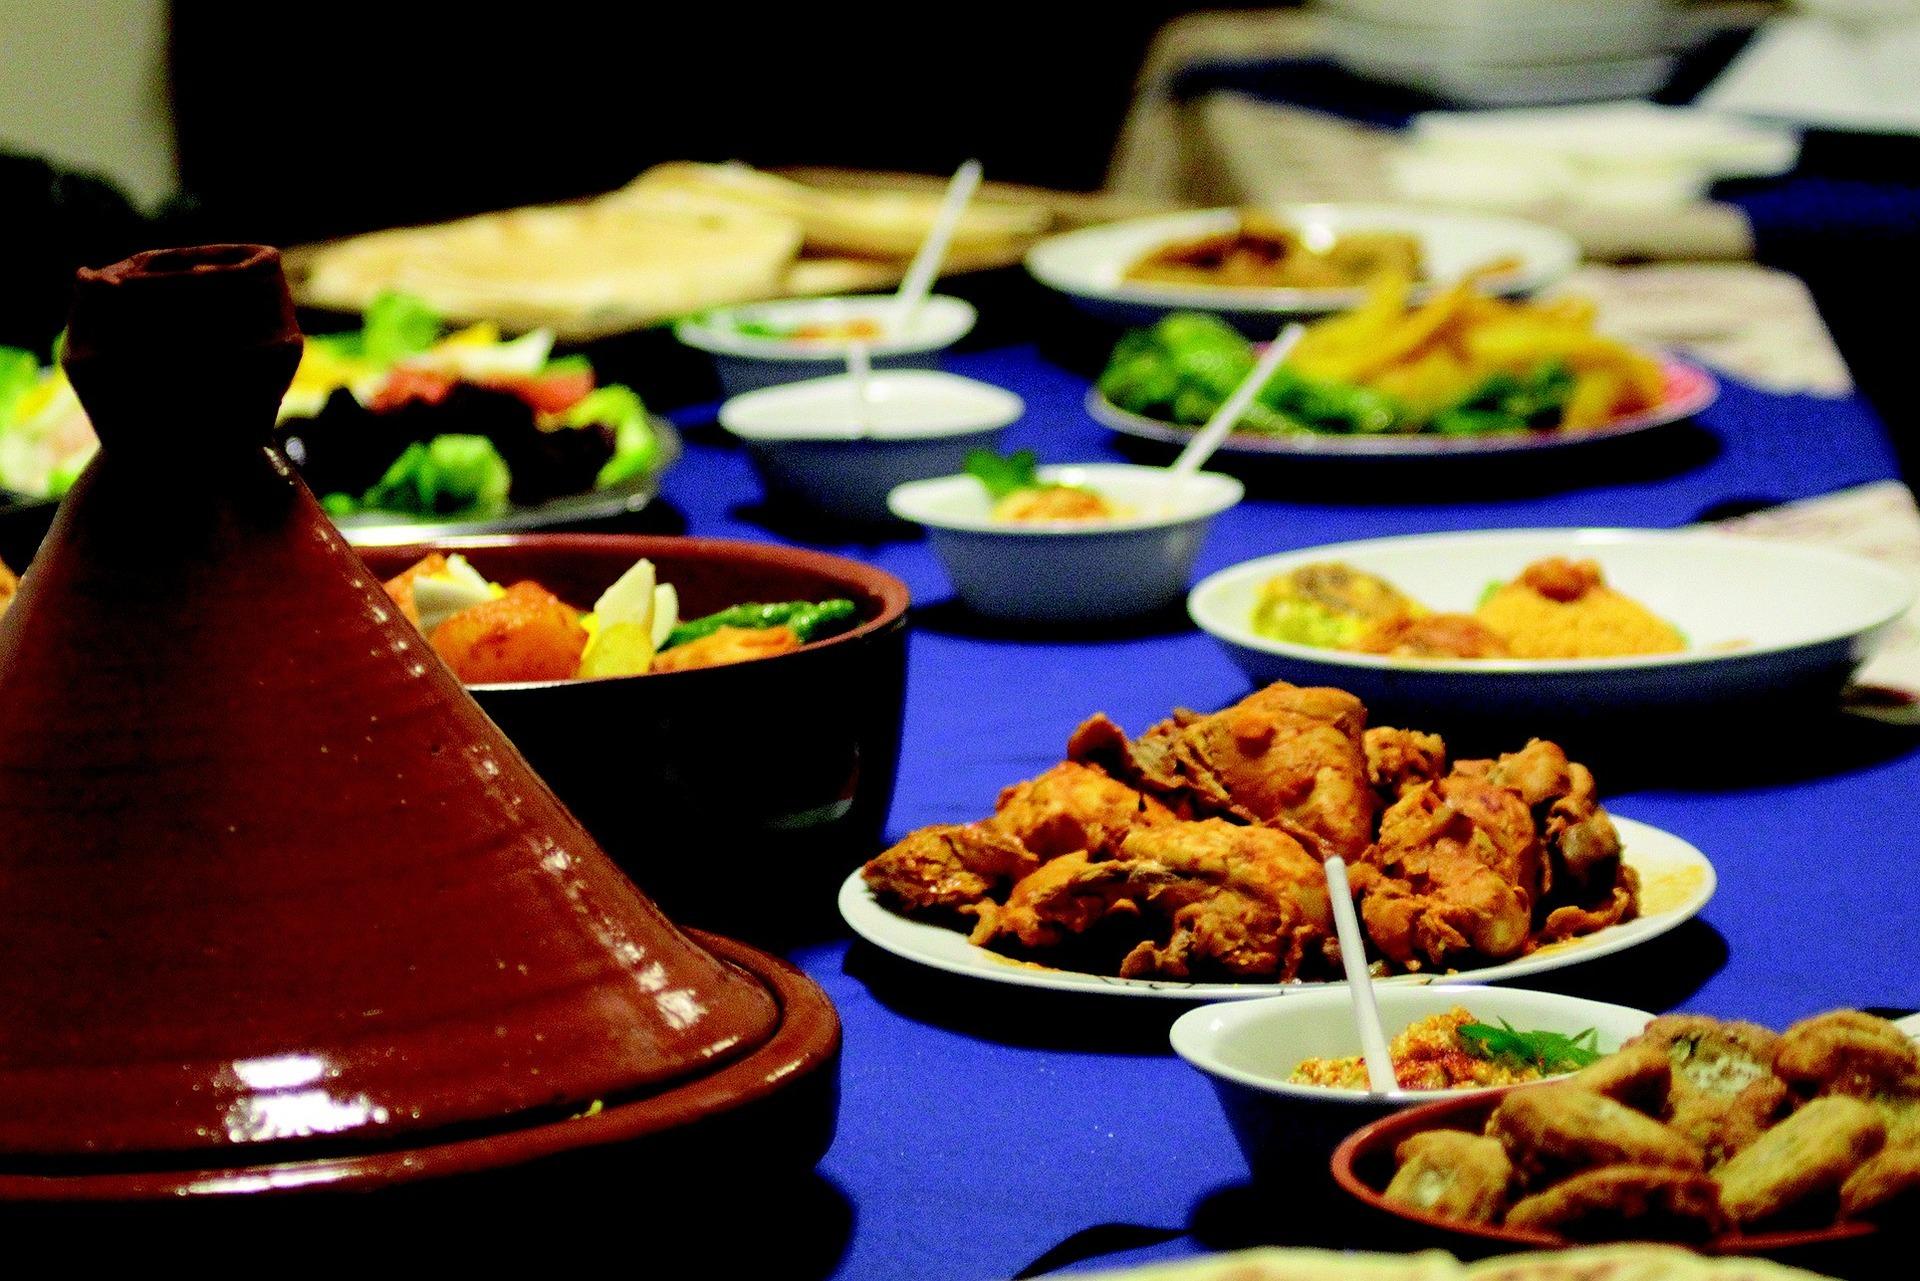 Kookworkshop - een culinaire ontdekkingstocht in de Marokkaanse keuken, samen boodschappen doen door de souks in de medina. En daarna starten met de kookcursus met lokale vrouwelijke koks